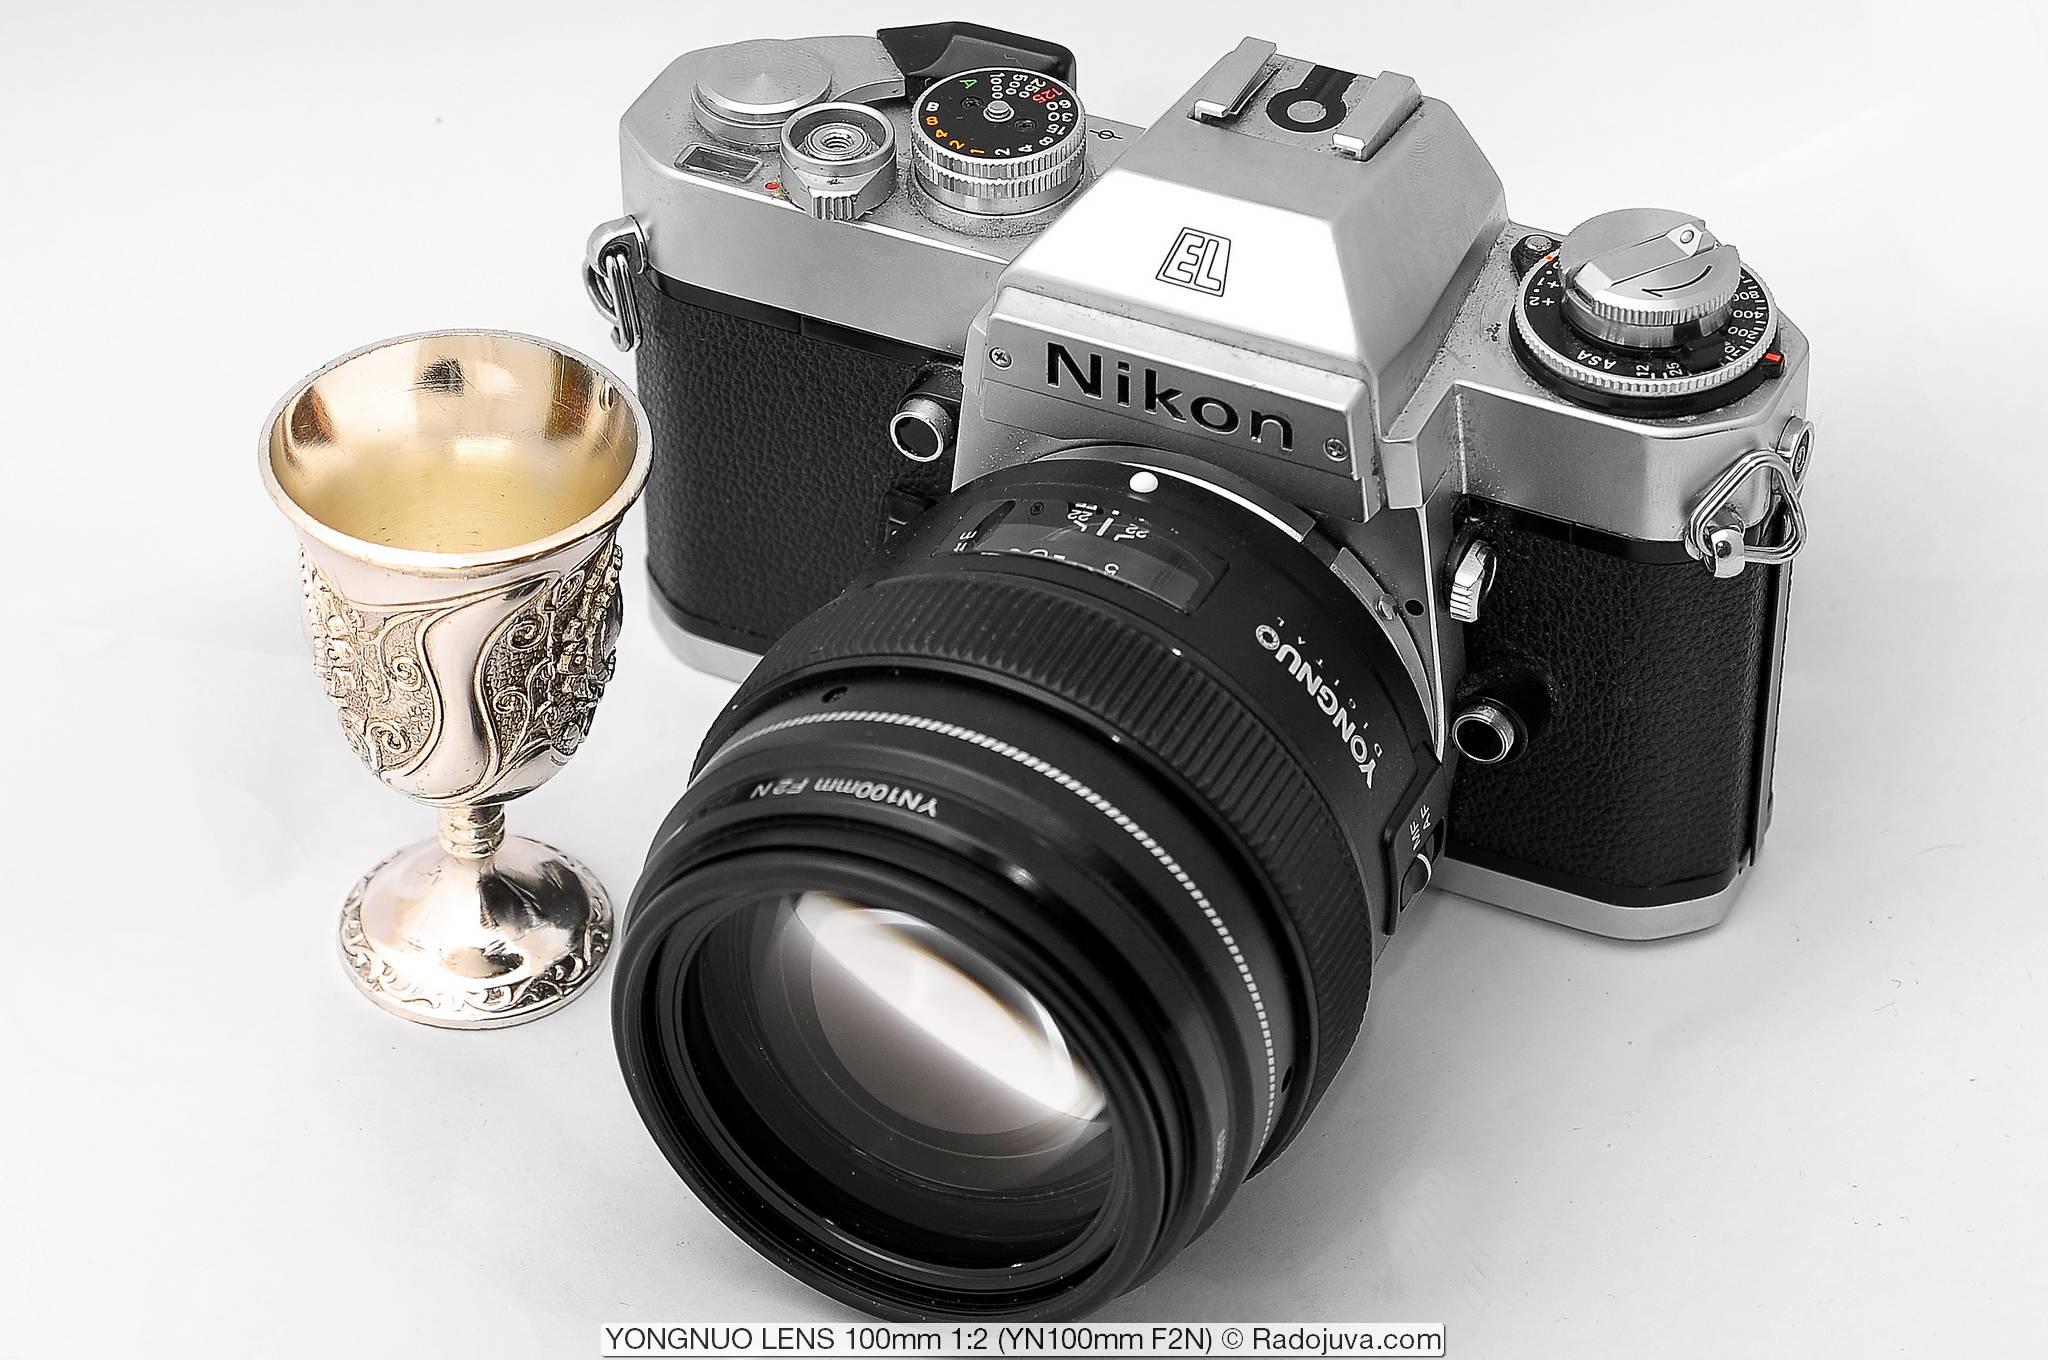 YONGNUO LENS 100mm 1:2 (YN100mm F2N, для Nikon)